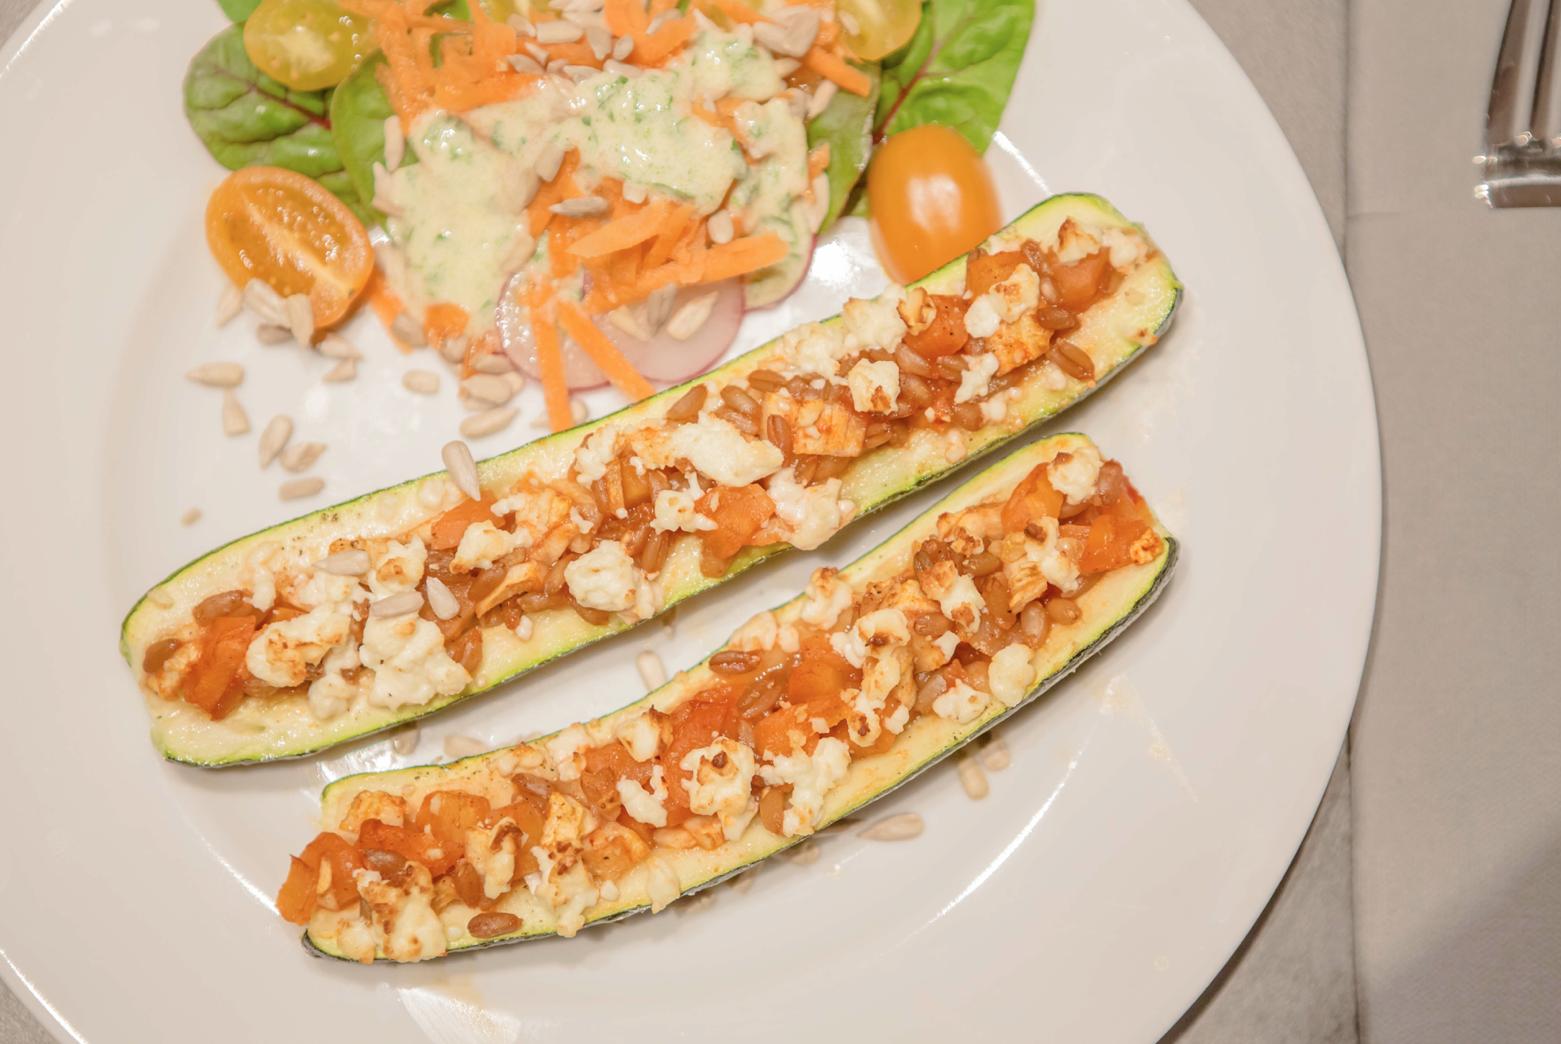 2 hälften überbackene Zucchini mit Salatbeilage